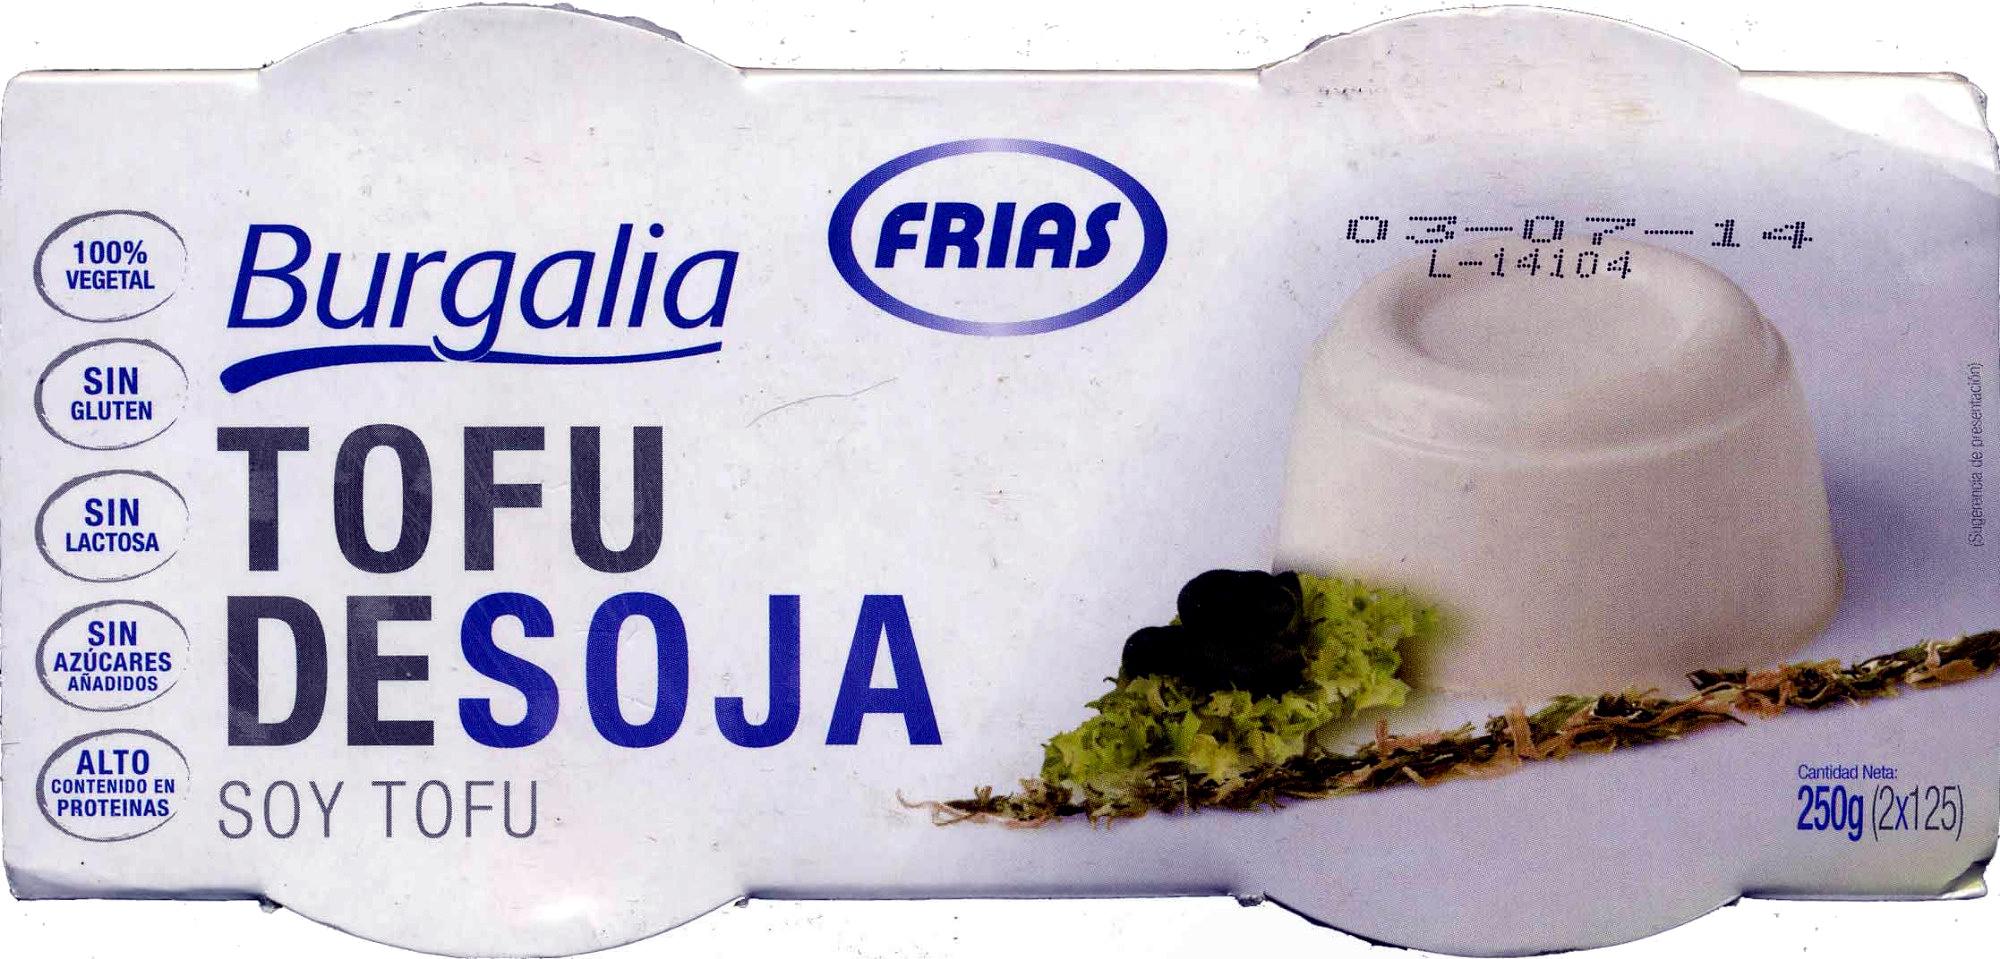 """Tofu """"Burgalia"""" """"Frías"""" - Product - es"""